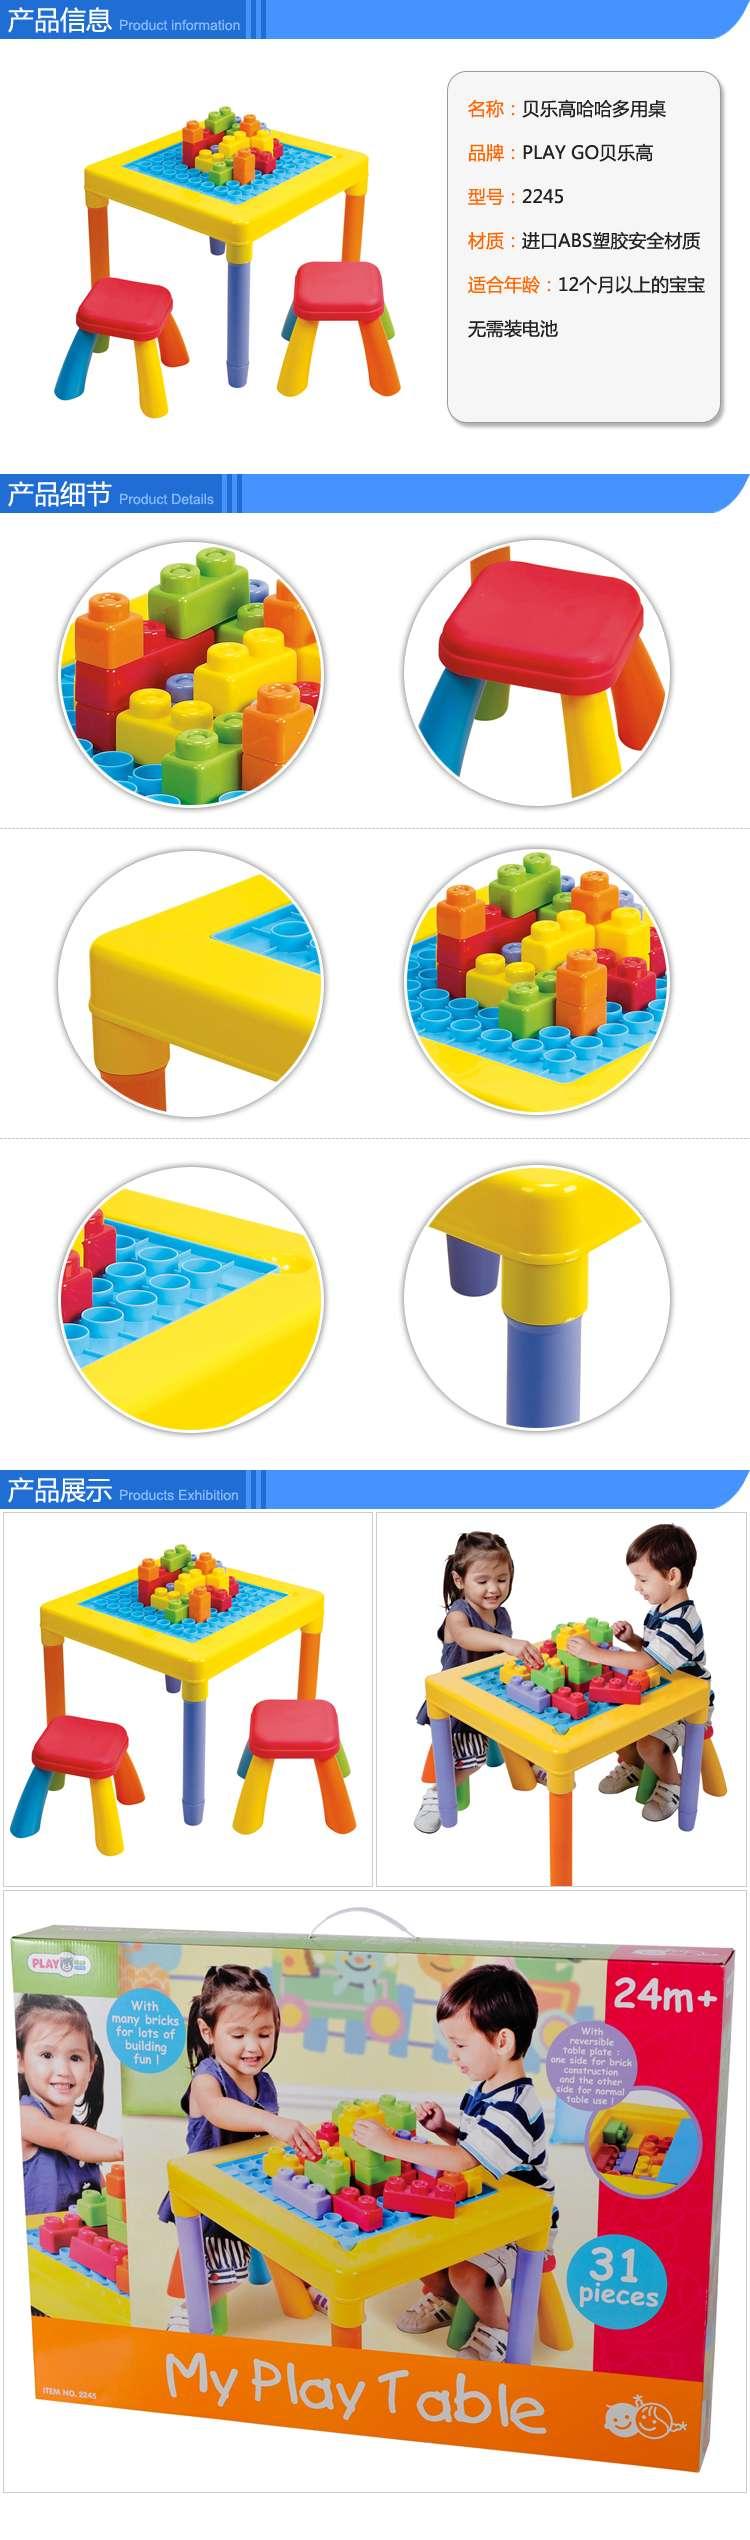 益智玩具 积木拼图 贝乐高 贝乐高2合1学习积木桌  规格参数 品牌:贝